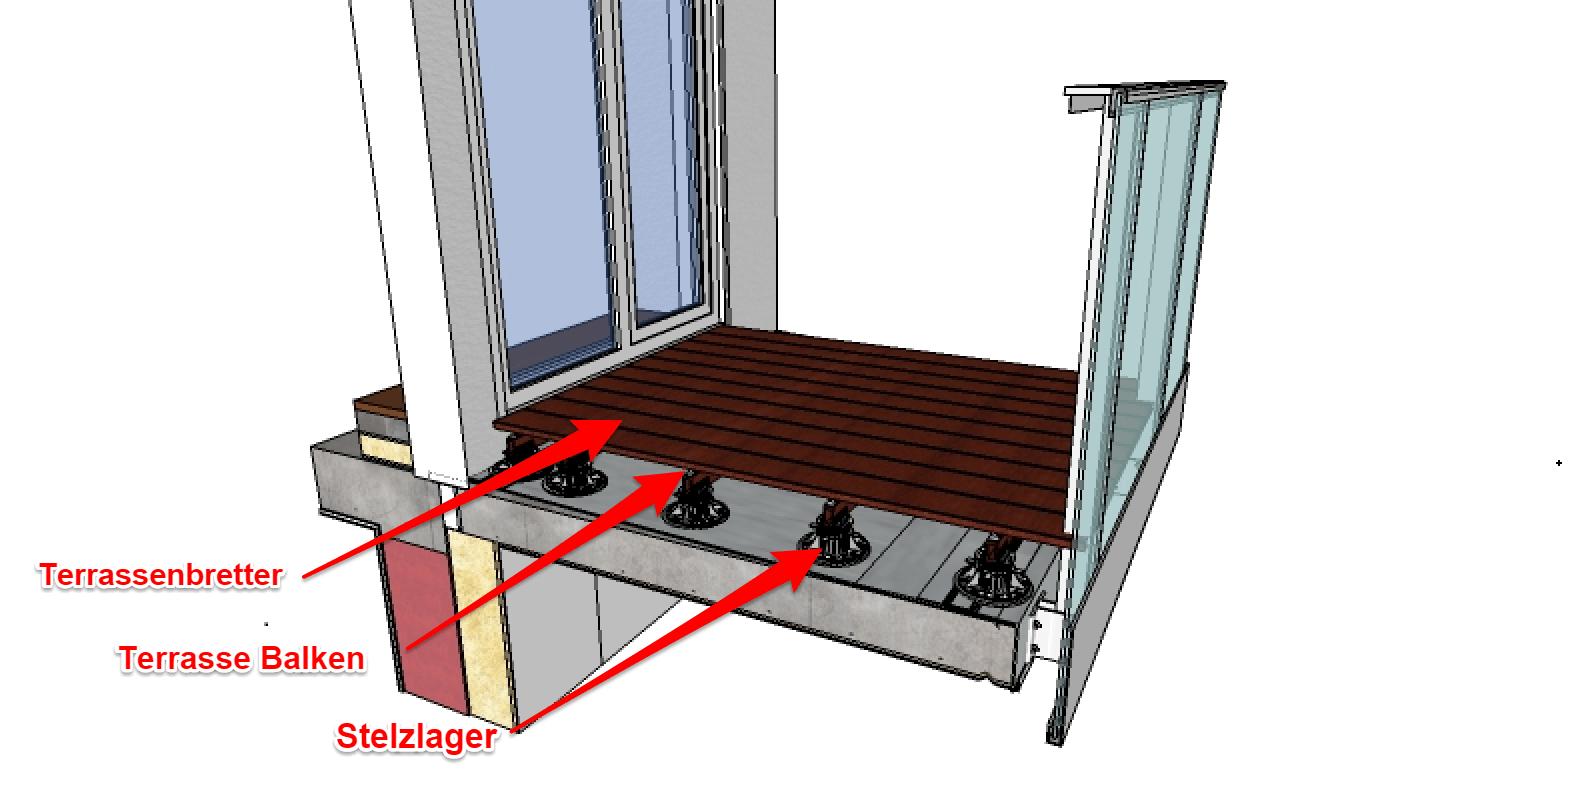 Ein Beispiel für eine erhöhte belüftete Terrasse mit verstellbaren Stelzlager auf ebenen Balken verlegt. Auf ebenen Balken befinden sich Bretter in der entsprechenden Höhe in Bezug auf den Boden im Raum. Die Terrasse steht auf dem Boden mit einem Hang zur Wasserableitung.